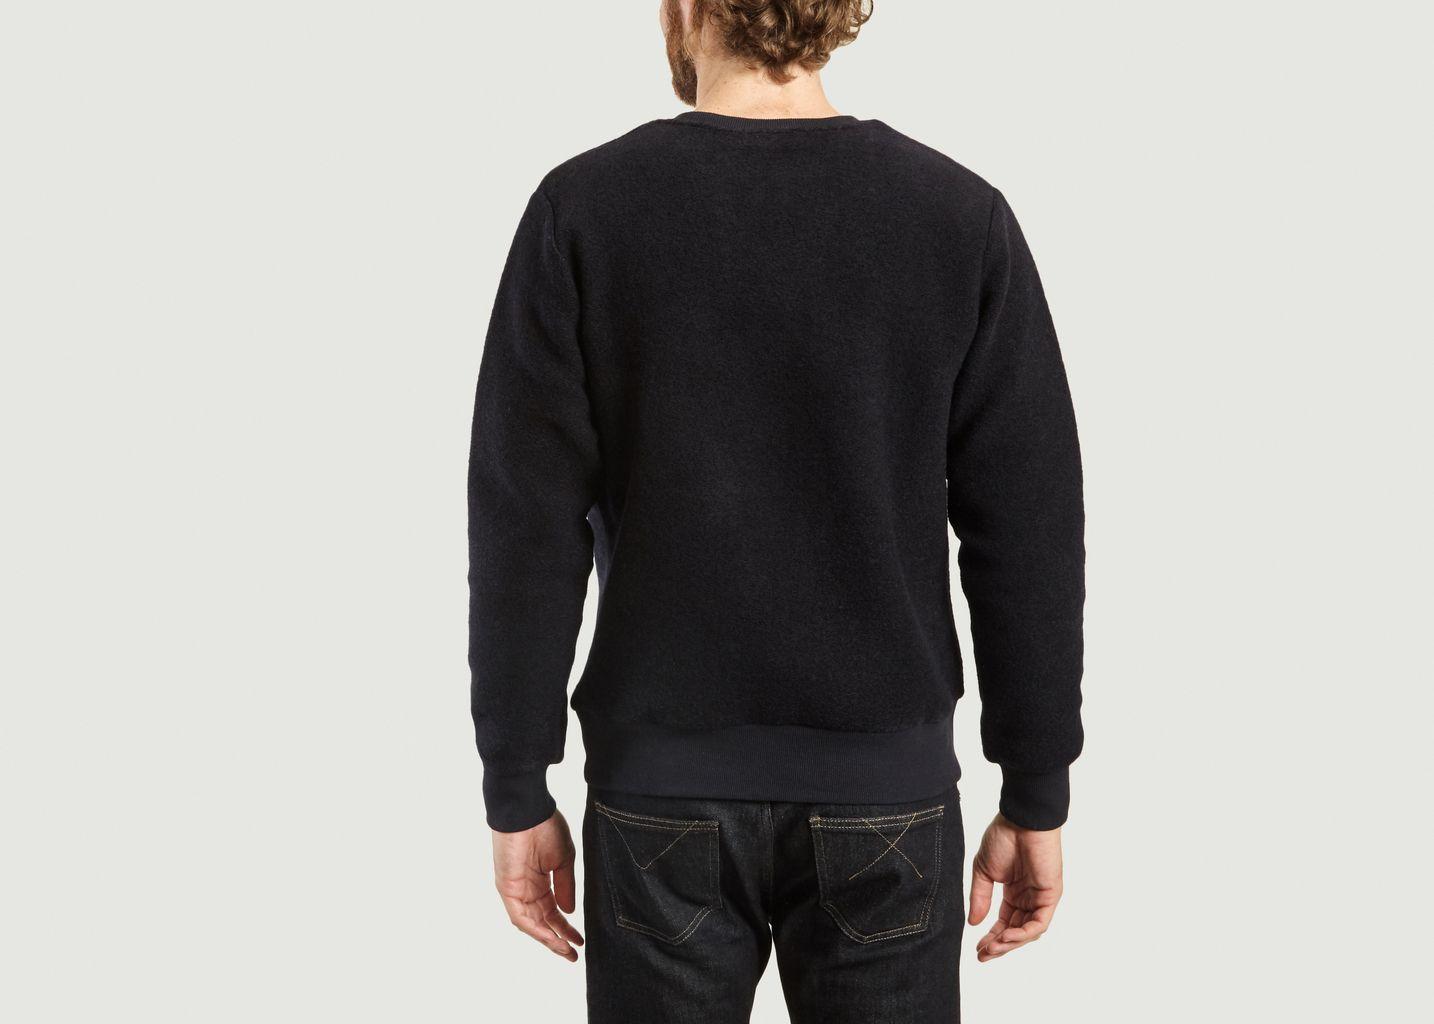 Sweatshirt Bouclette - La Panoplie